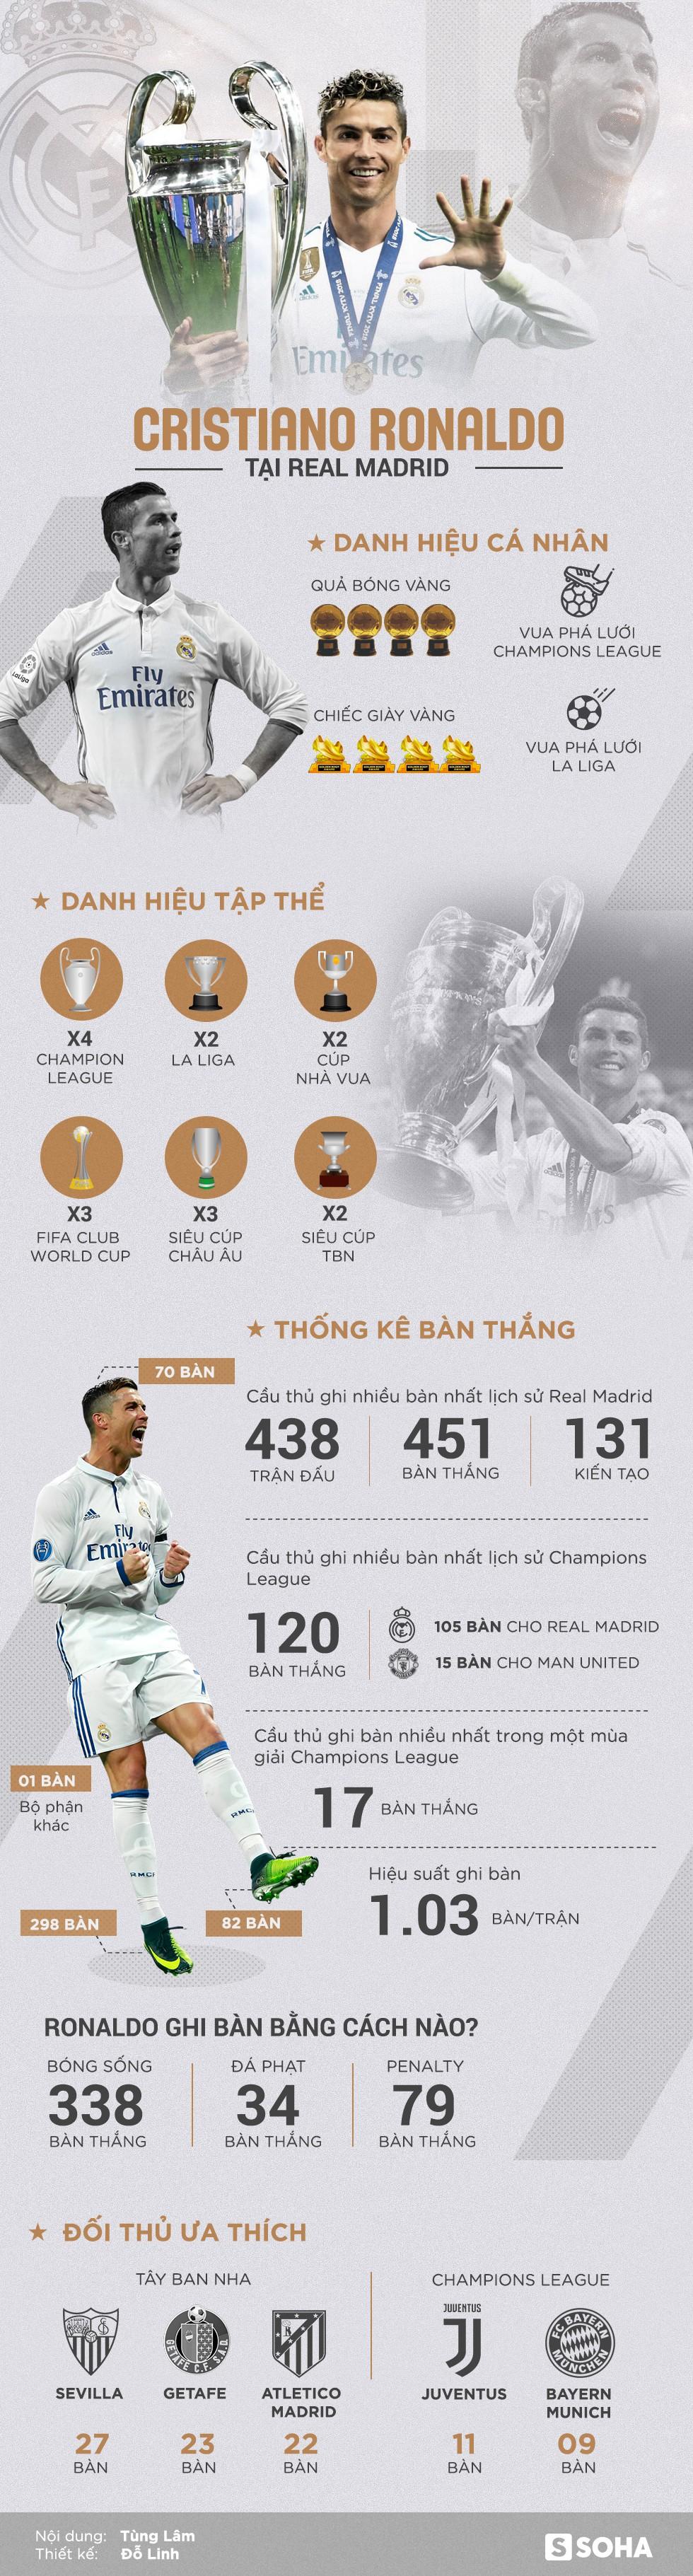 Bảng thành tích triệu người mơ ước của Ronaldo trong màu áo Real Madrid - Ảnh 1.